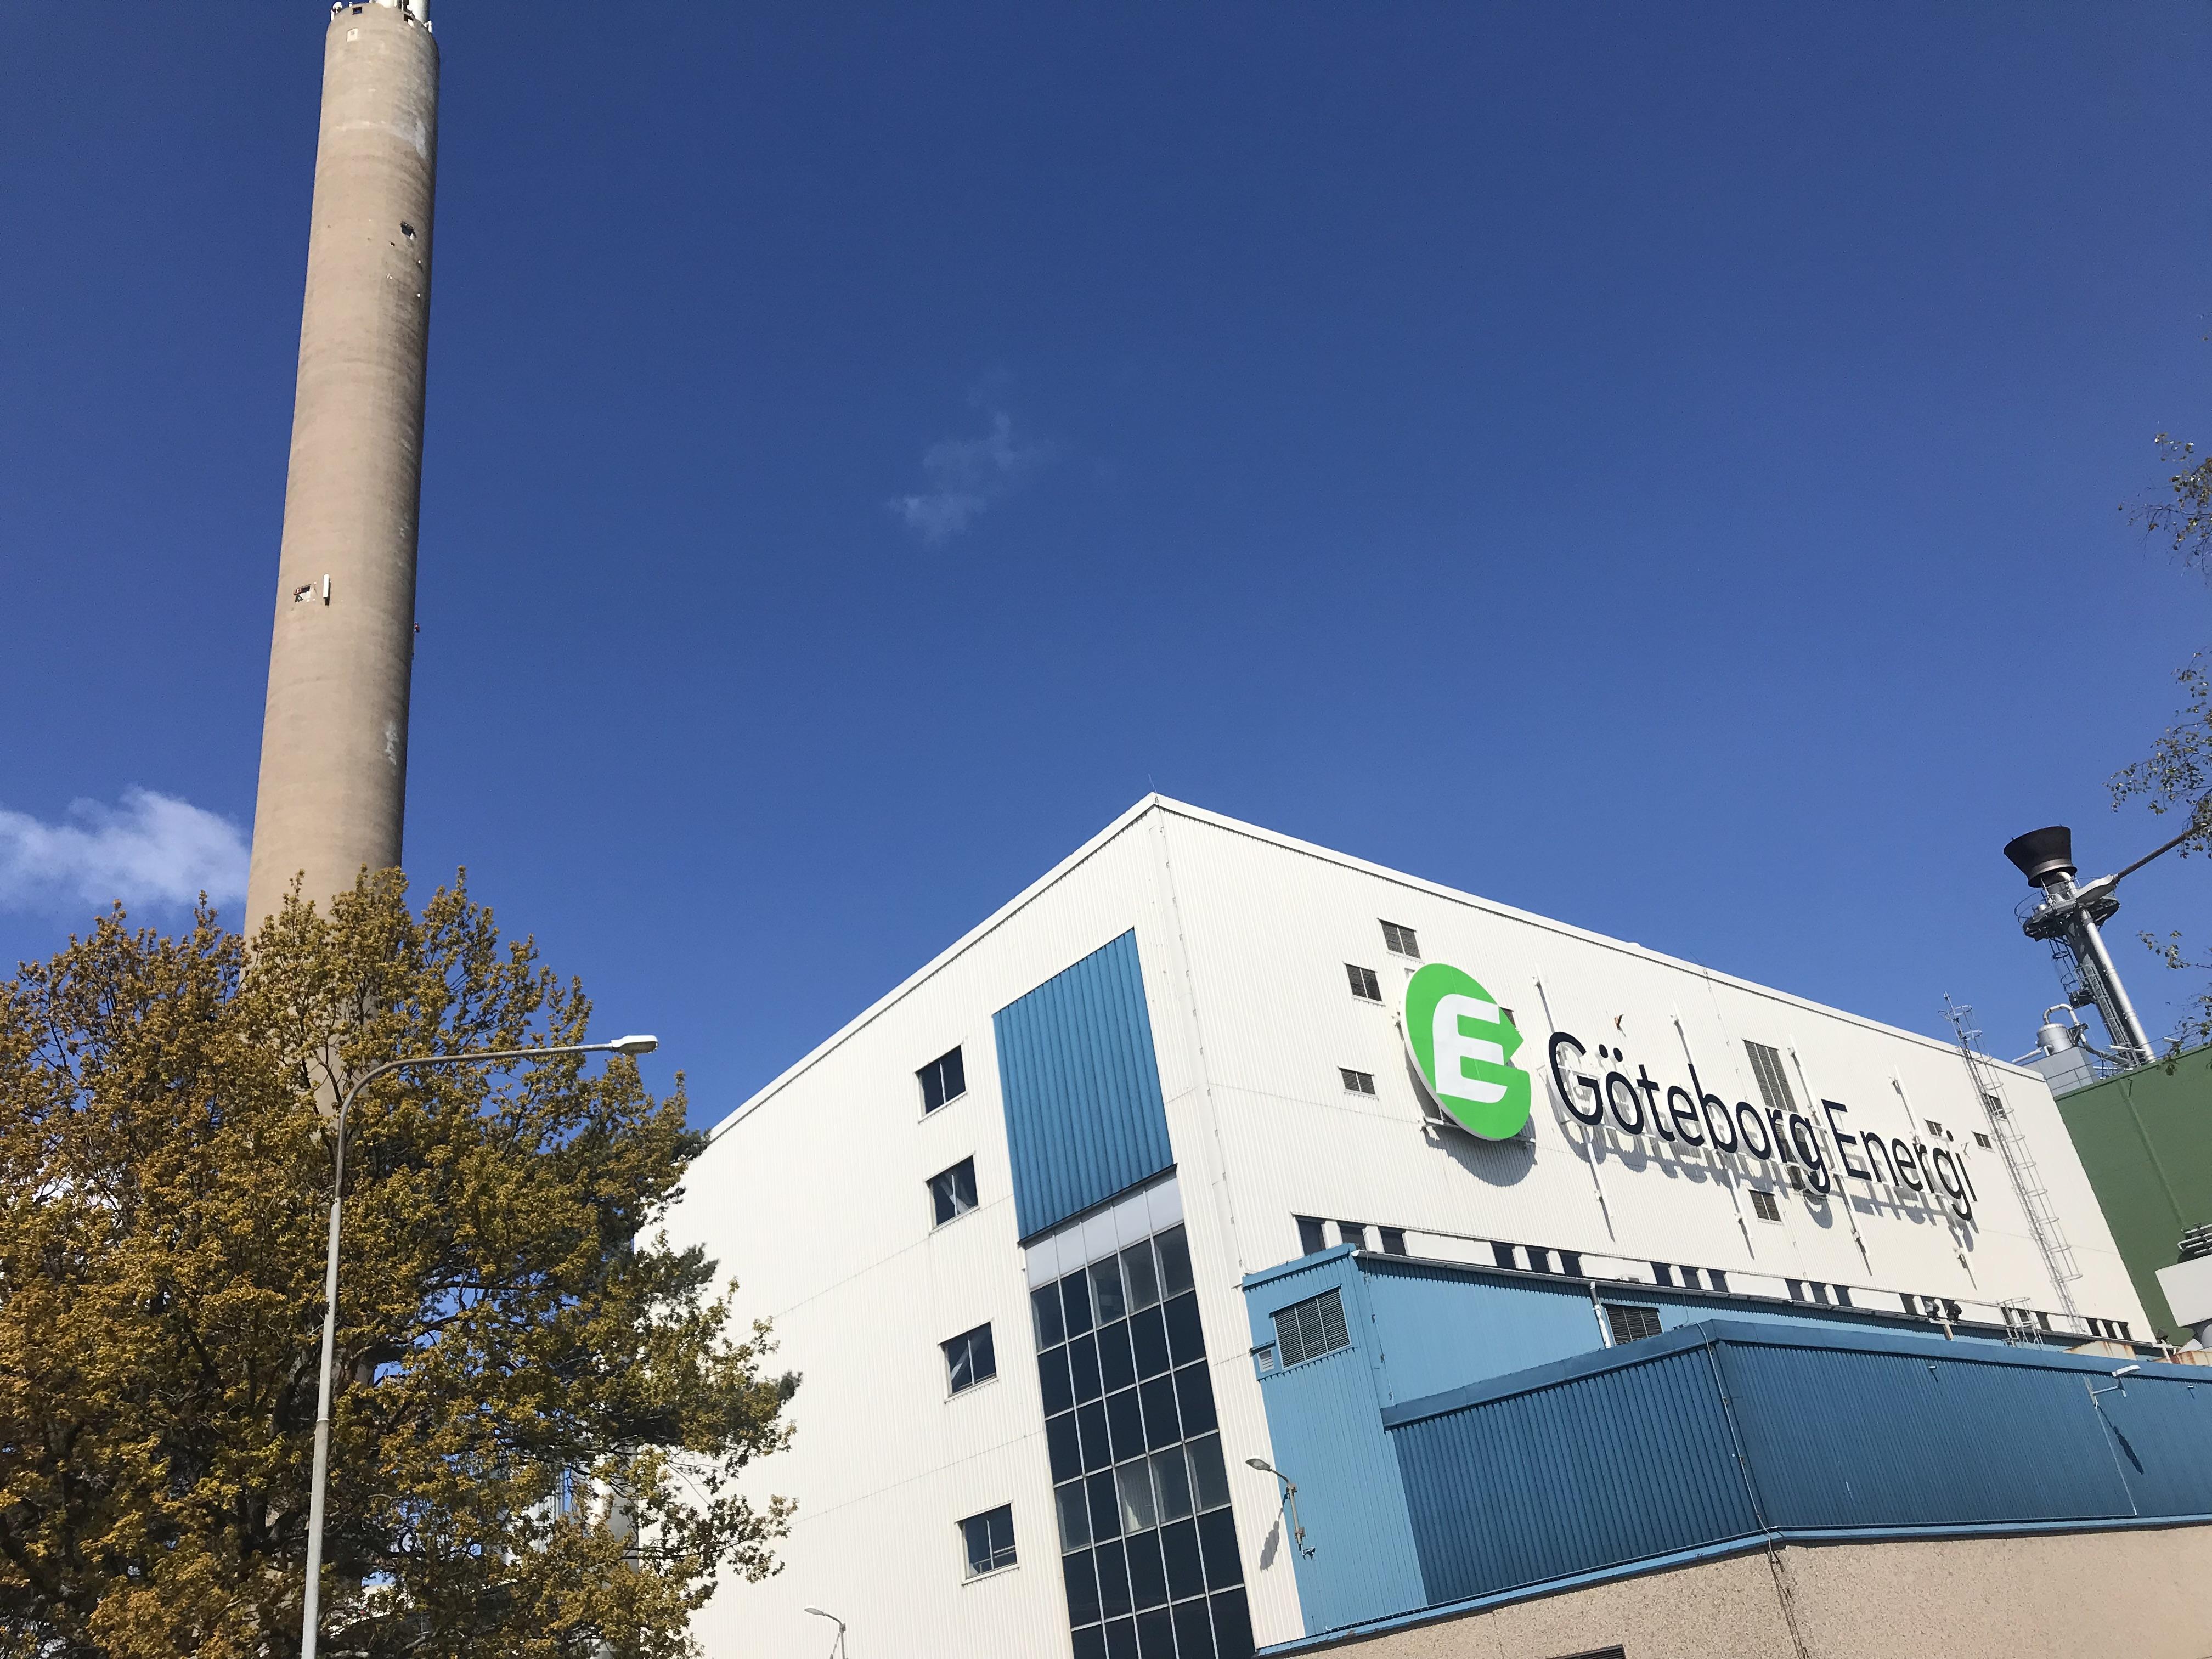 Valmet ska bygga en komplett anläggning för produktion av fjärrvärme till Göteborg Energi.